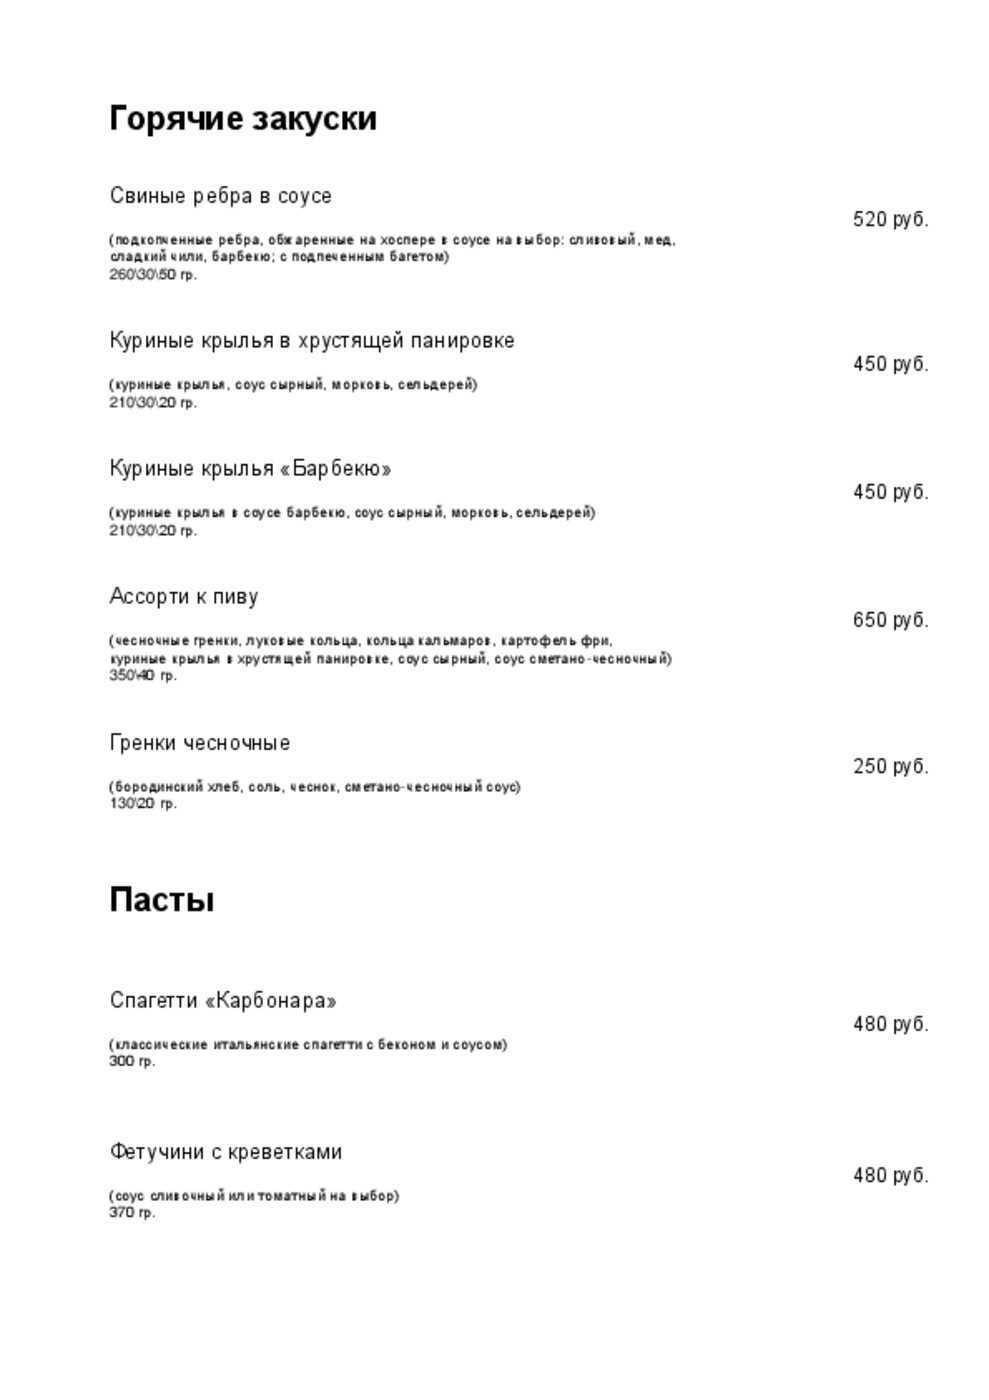 Меню бара, пивного ресторана MAX POWER СПОРТ БАР на Нижегородской улице